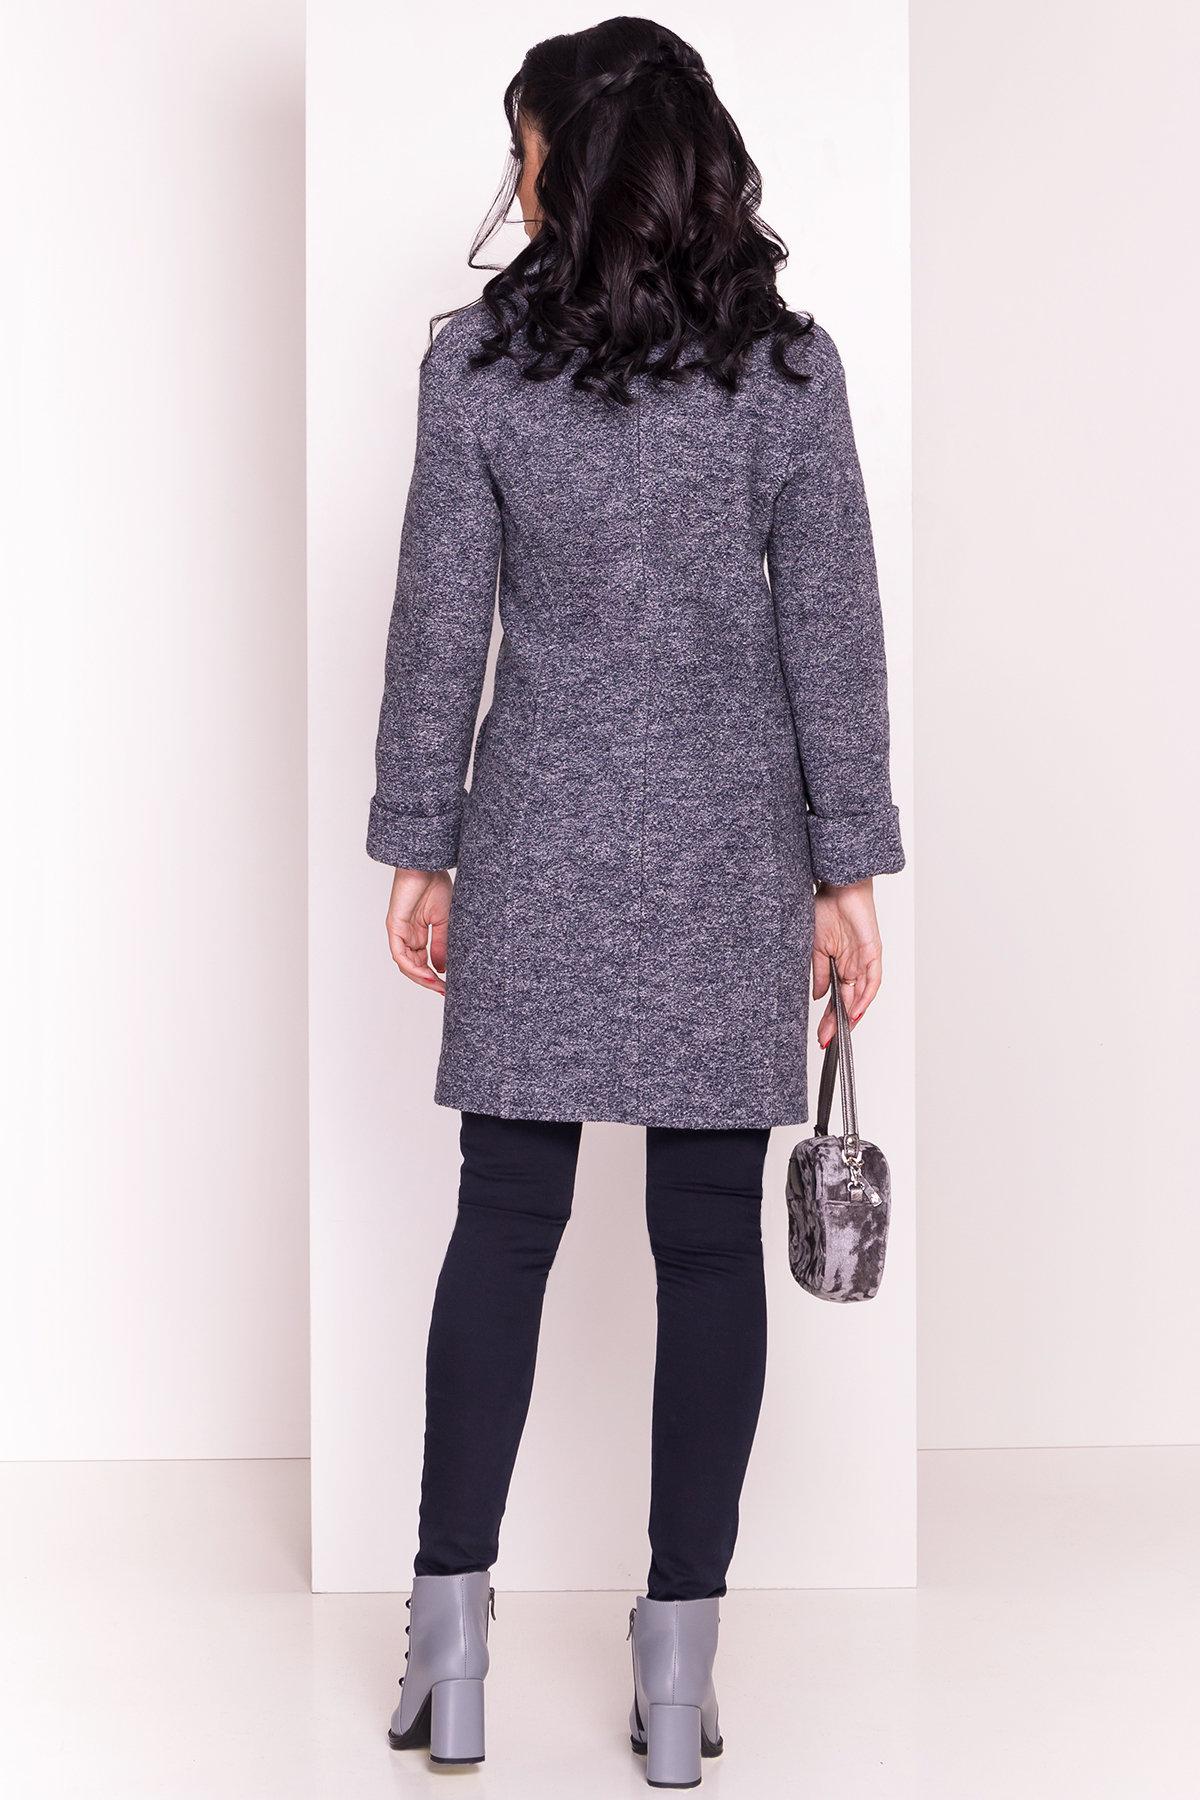 Пальто  Приора 5553 Цвет: Серый темный LW-22